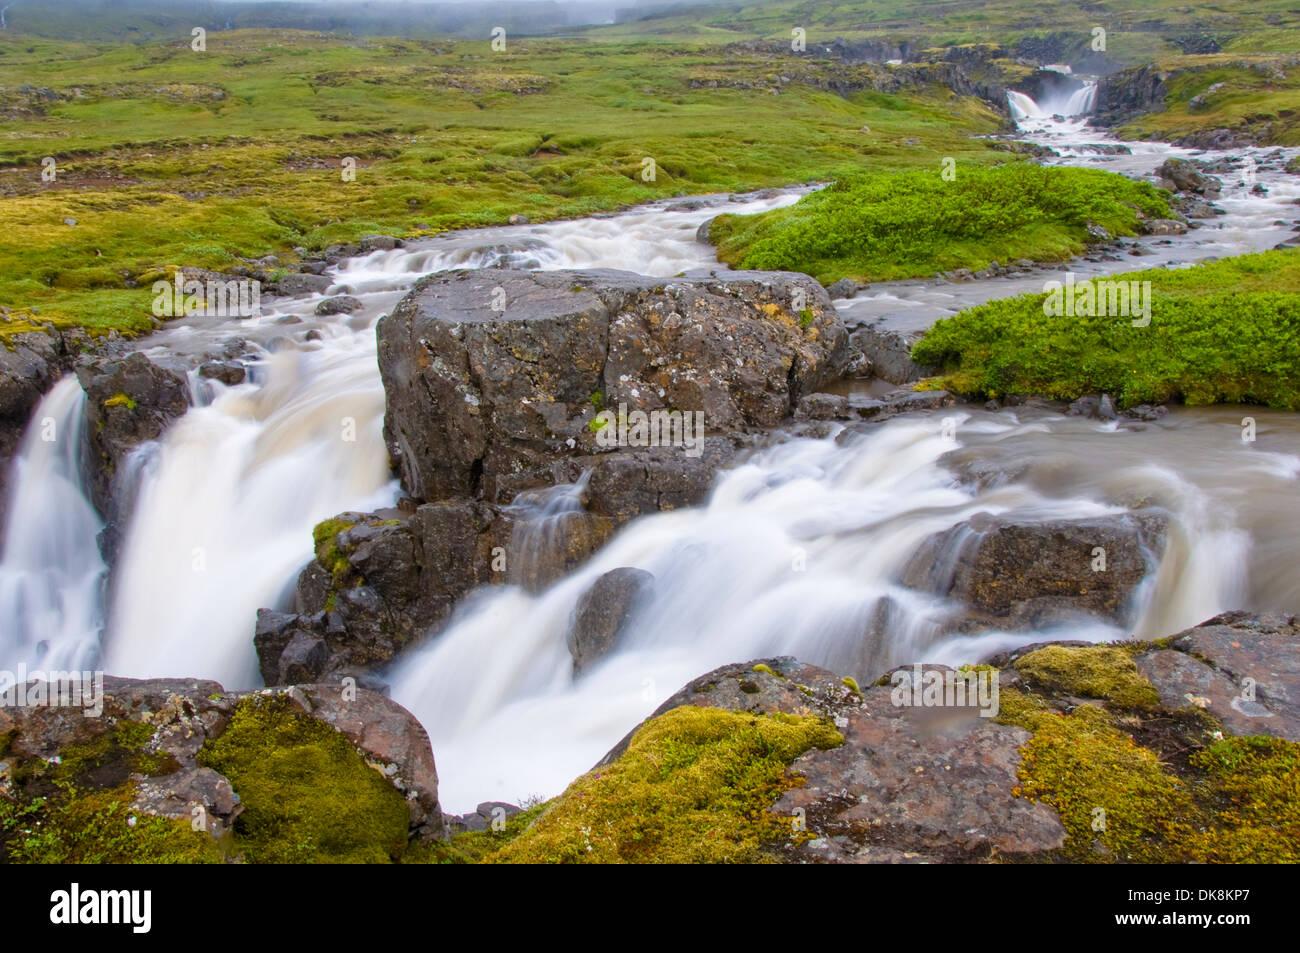 Wasserfall in der Nähe von Seydisfjordur, Island Stockbild